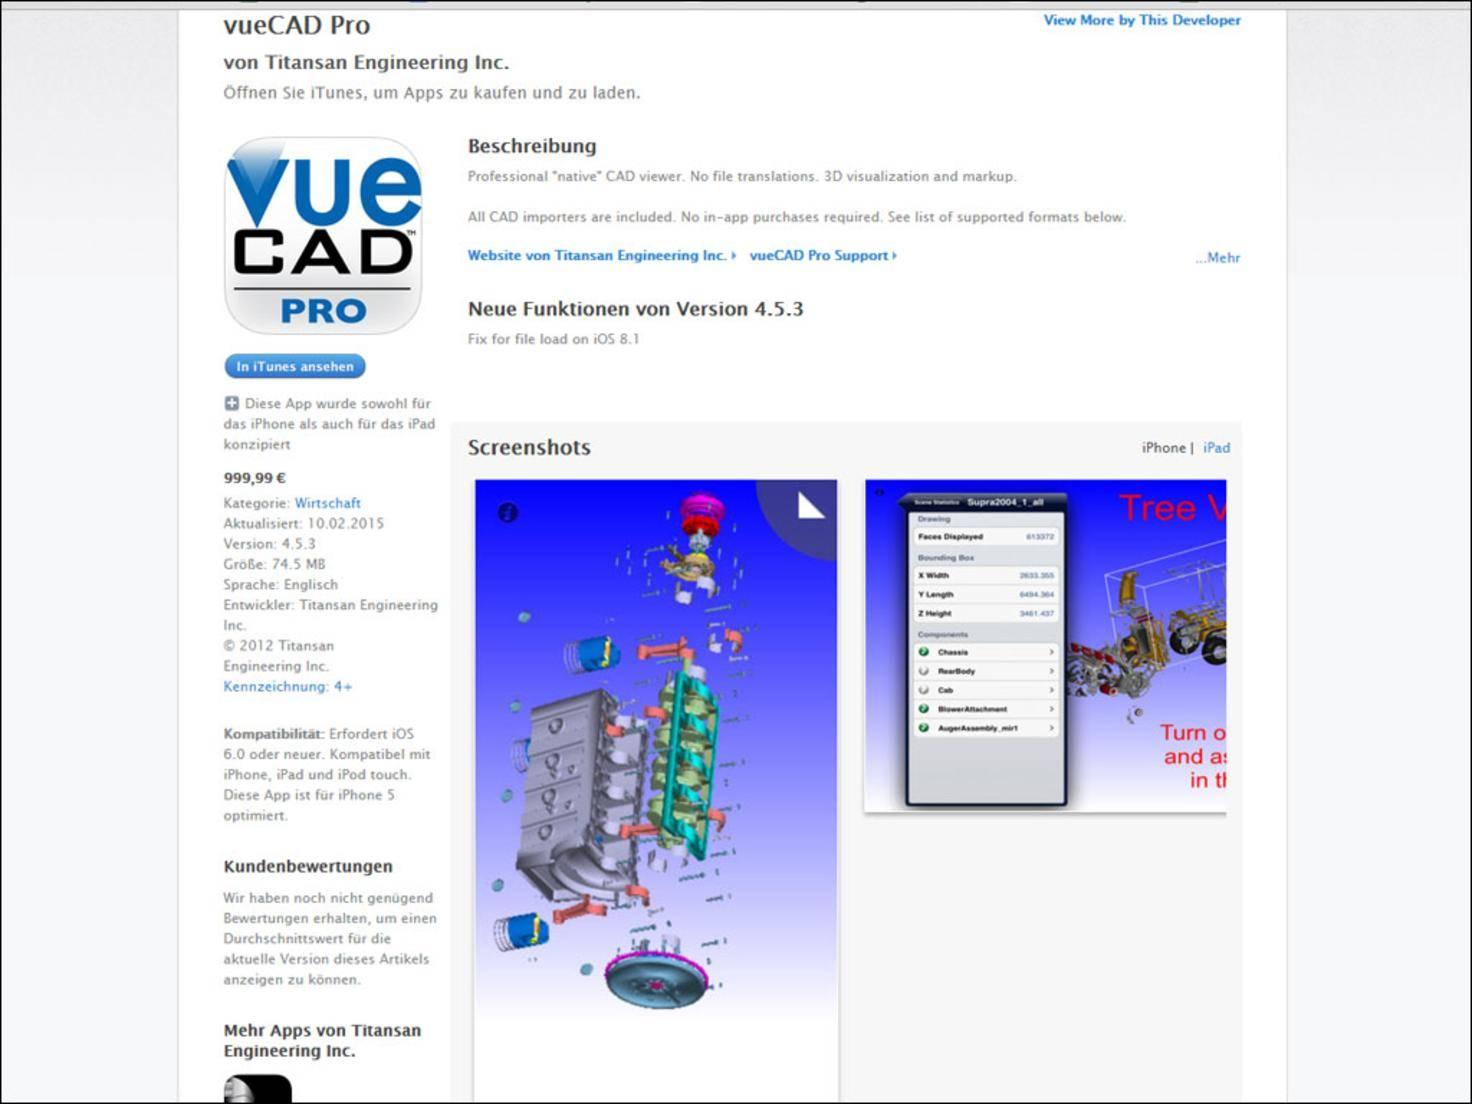 Mit VUECad Pro können Ingenieure ihre Erfindungen kinderleicht präsentieren.